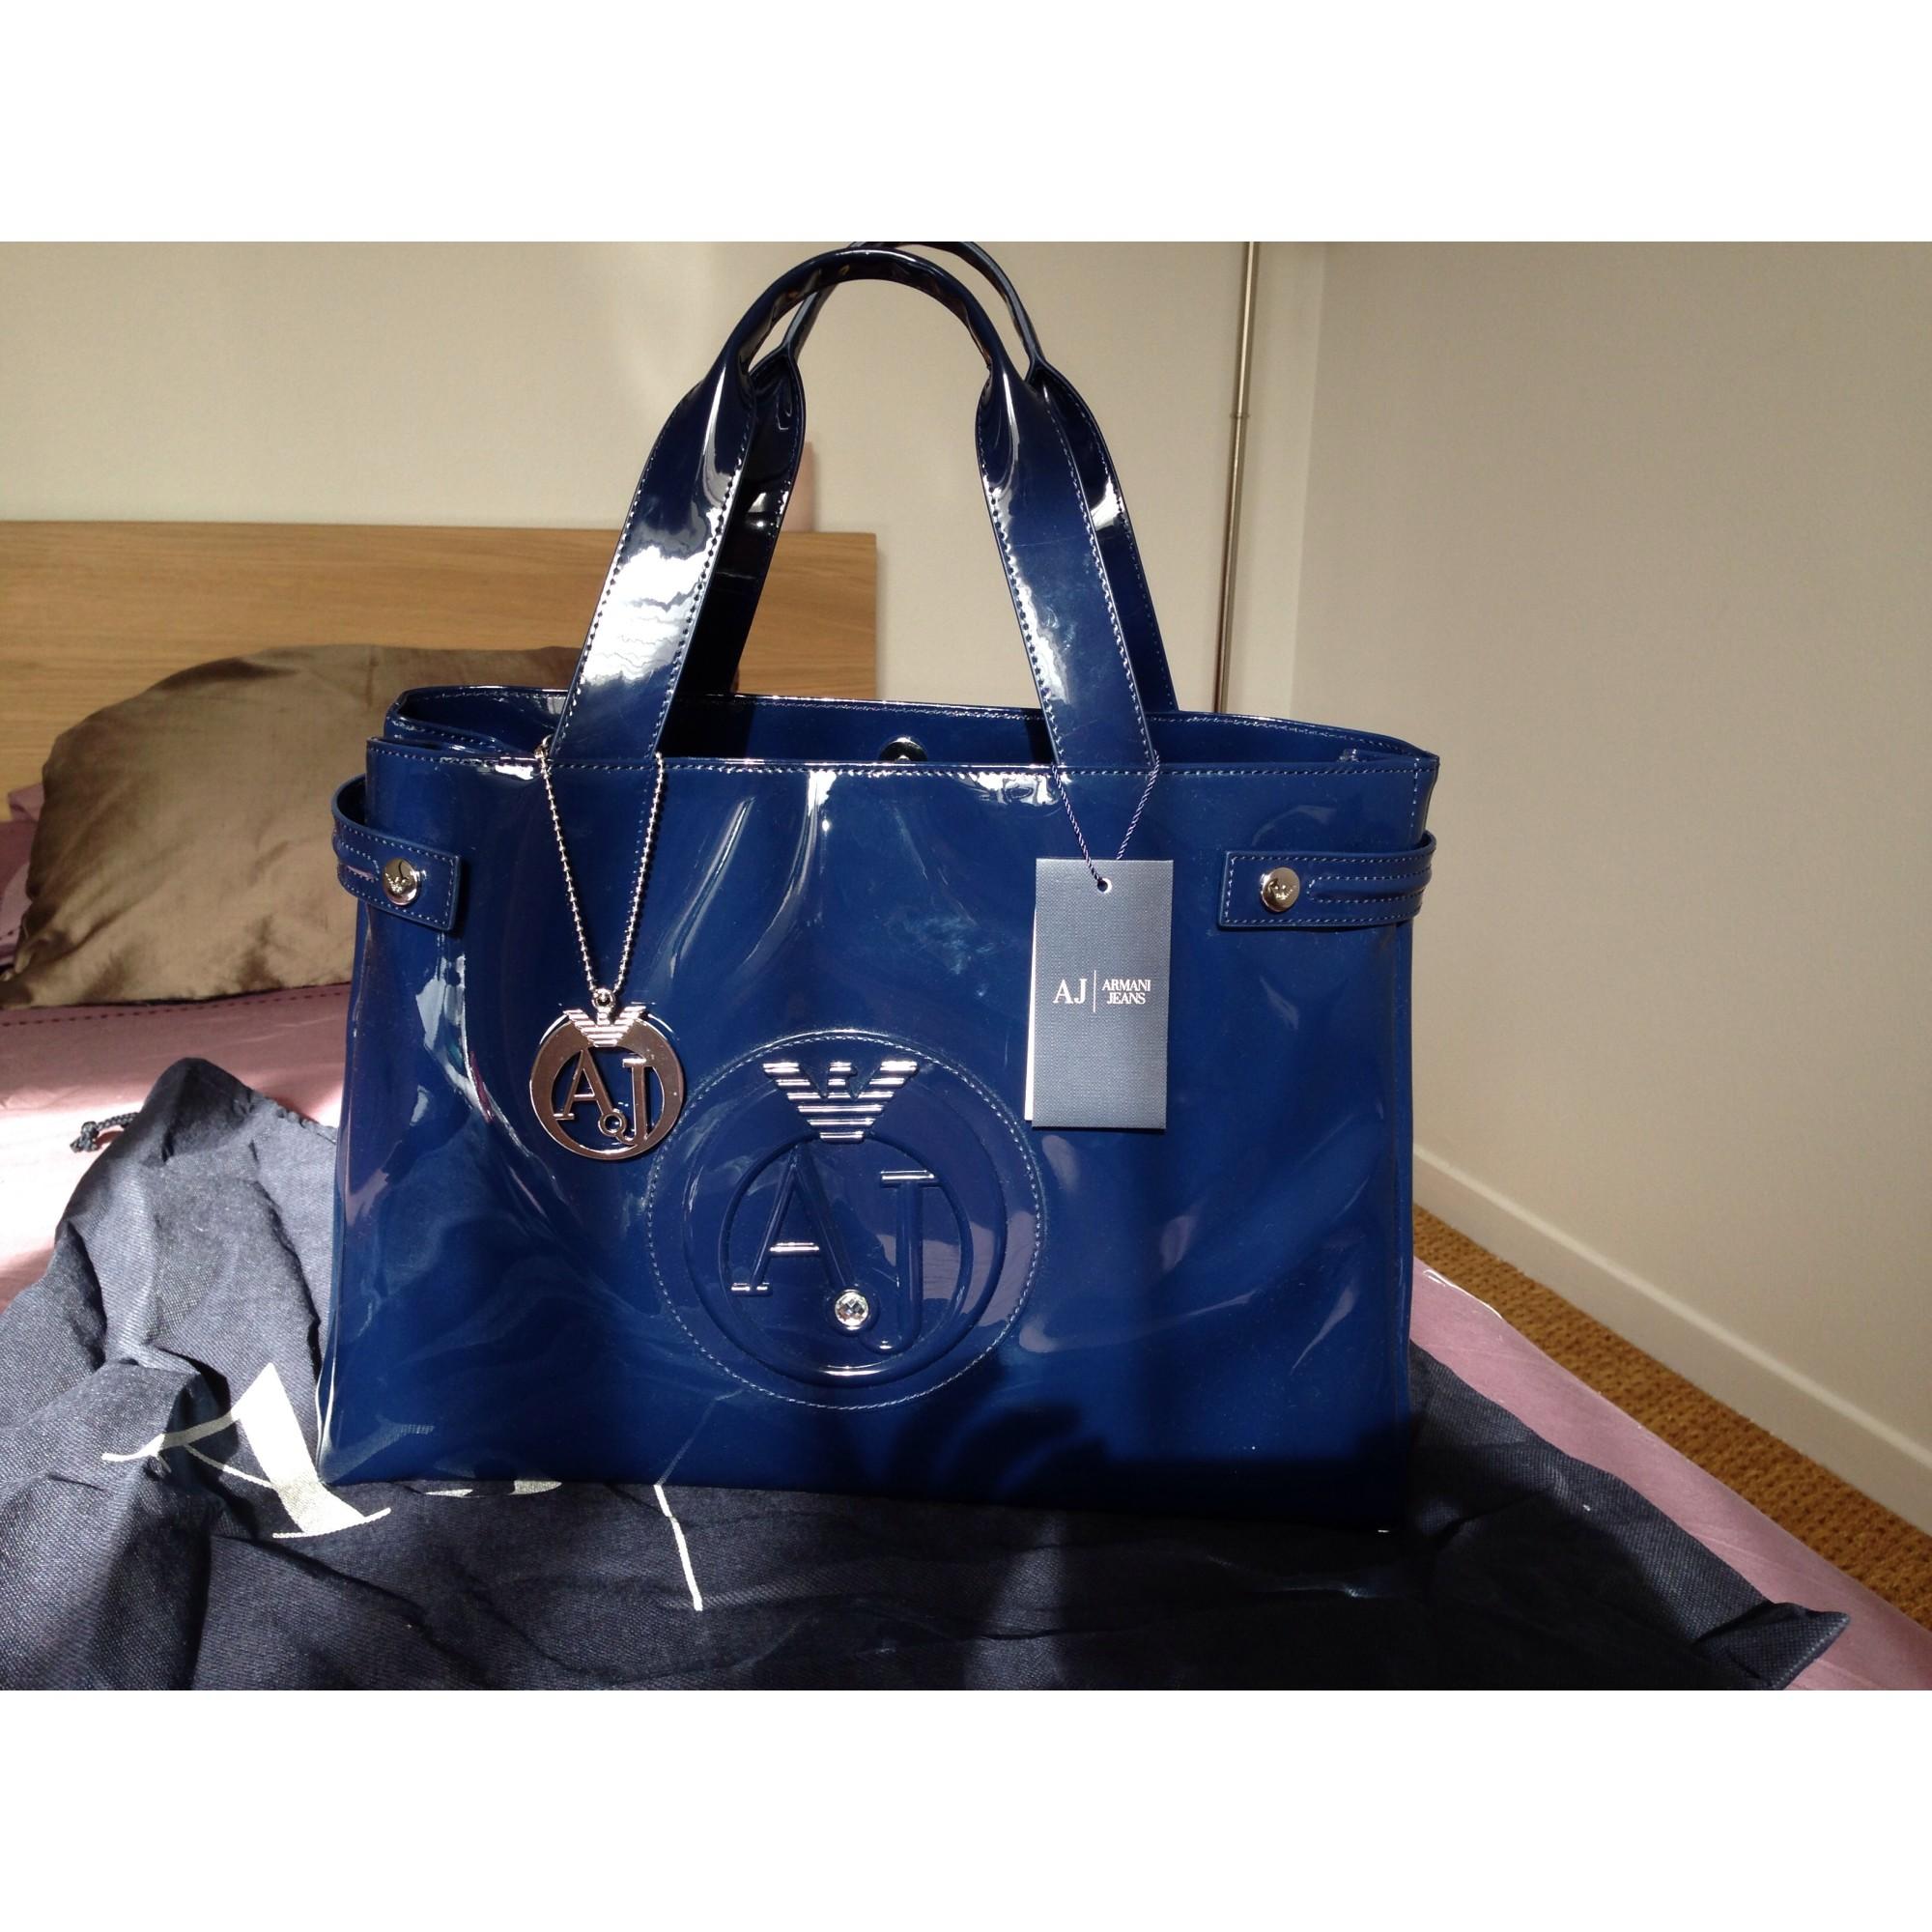 f0ad0d923d1 Sac à main en tissu ARMANI JEANS bleu vendu par Sofia 3117339 - 1731591